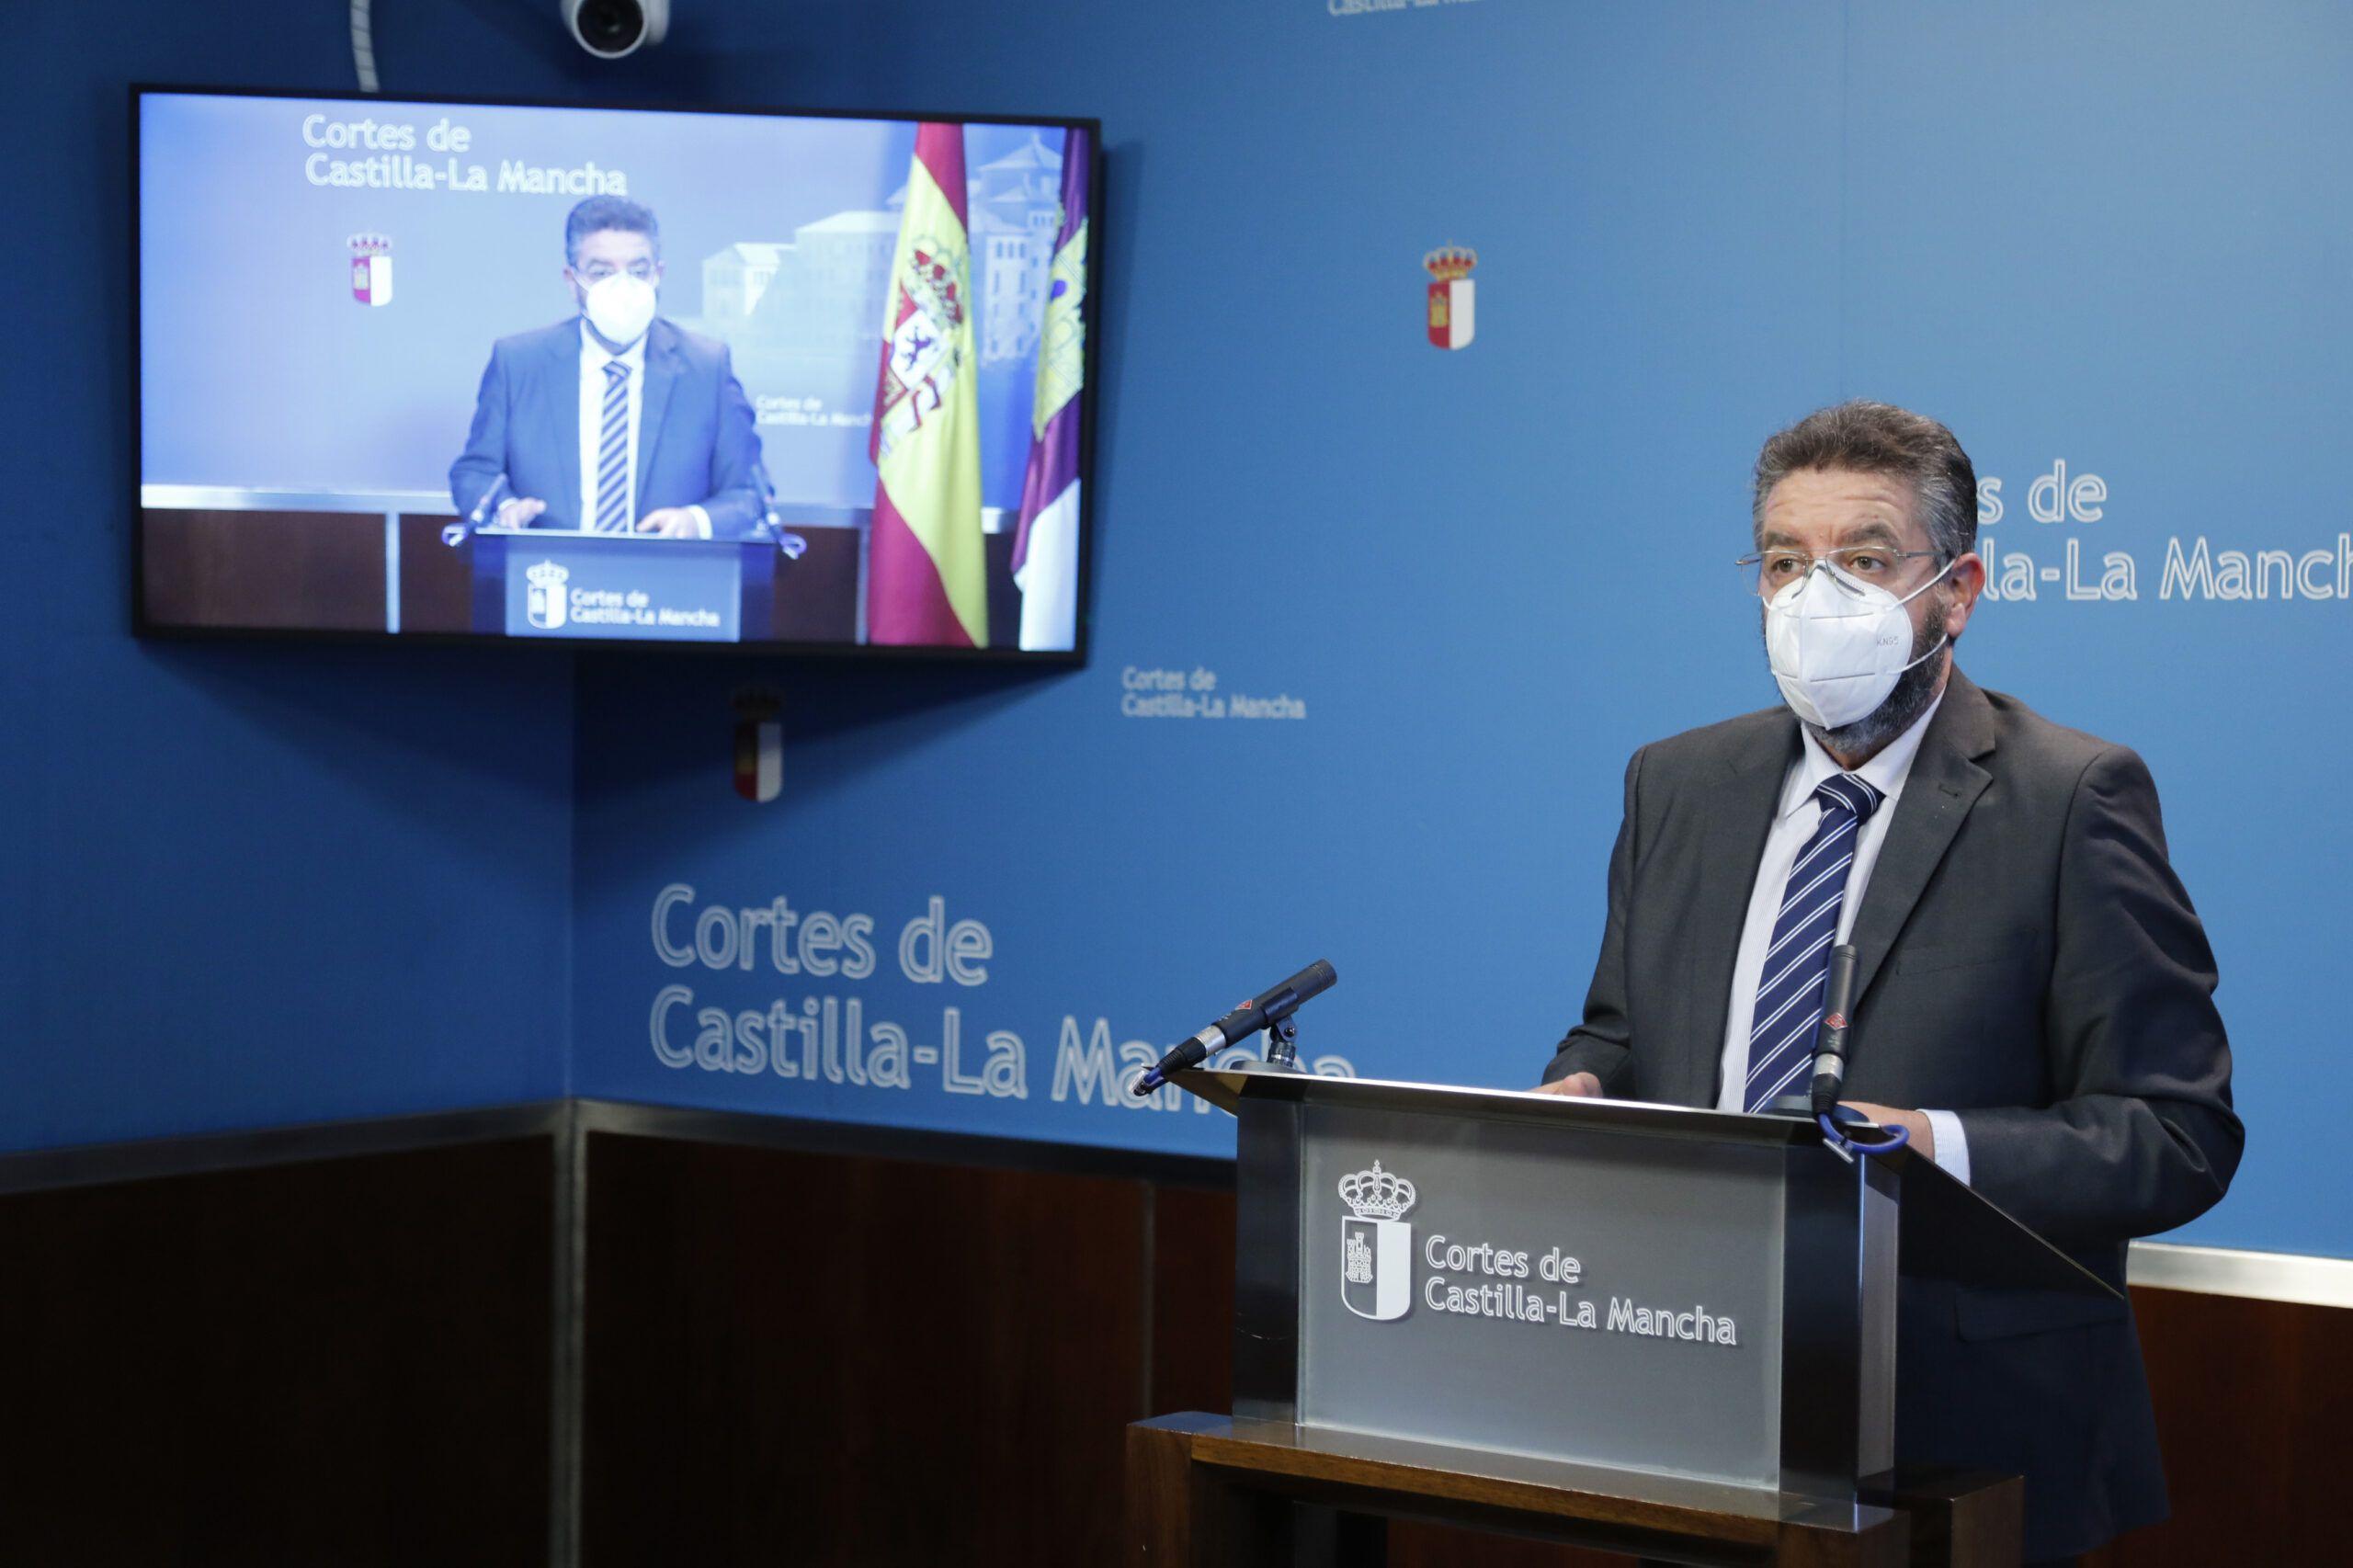 Moreno denuncia que los presupuestos no recogen las necesidades de la sanidad regional, eluden responsabilidades, y tienen un objetivo puramente electoral